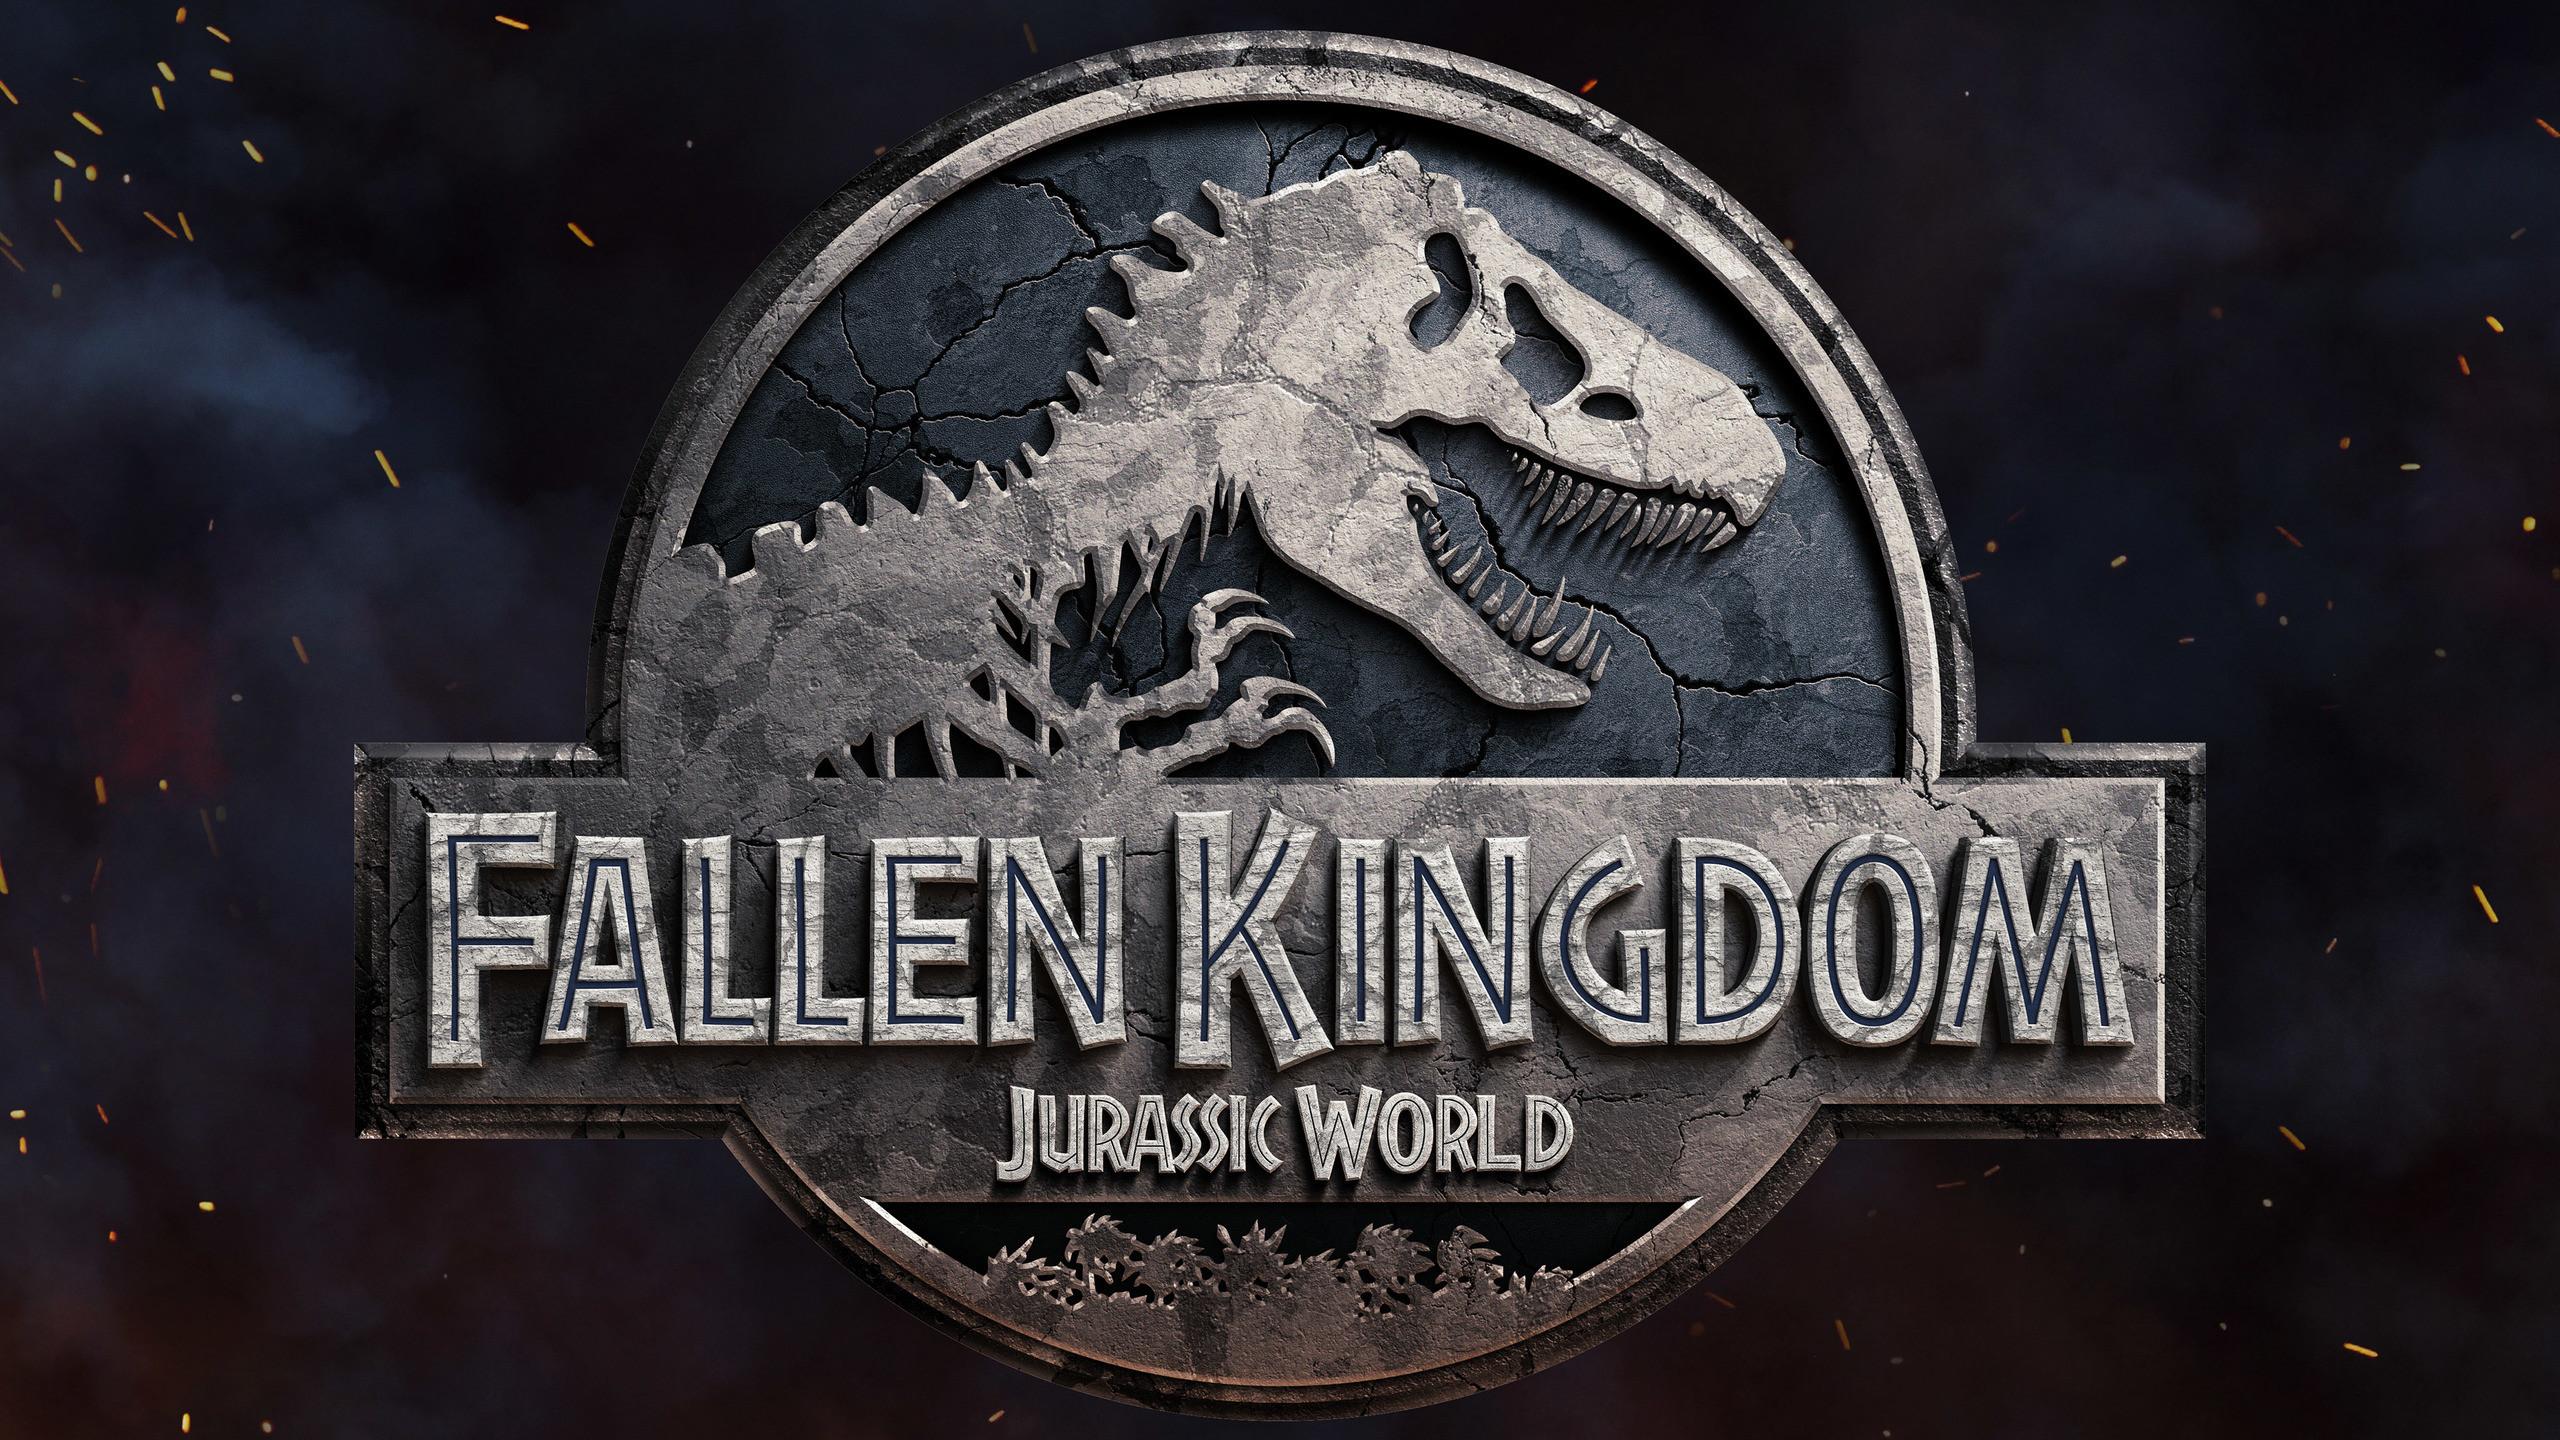 Res: 2560x1440, jurassic-world-fallen-kingdom-2018-4k-tf.jpg